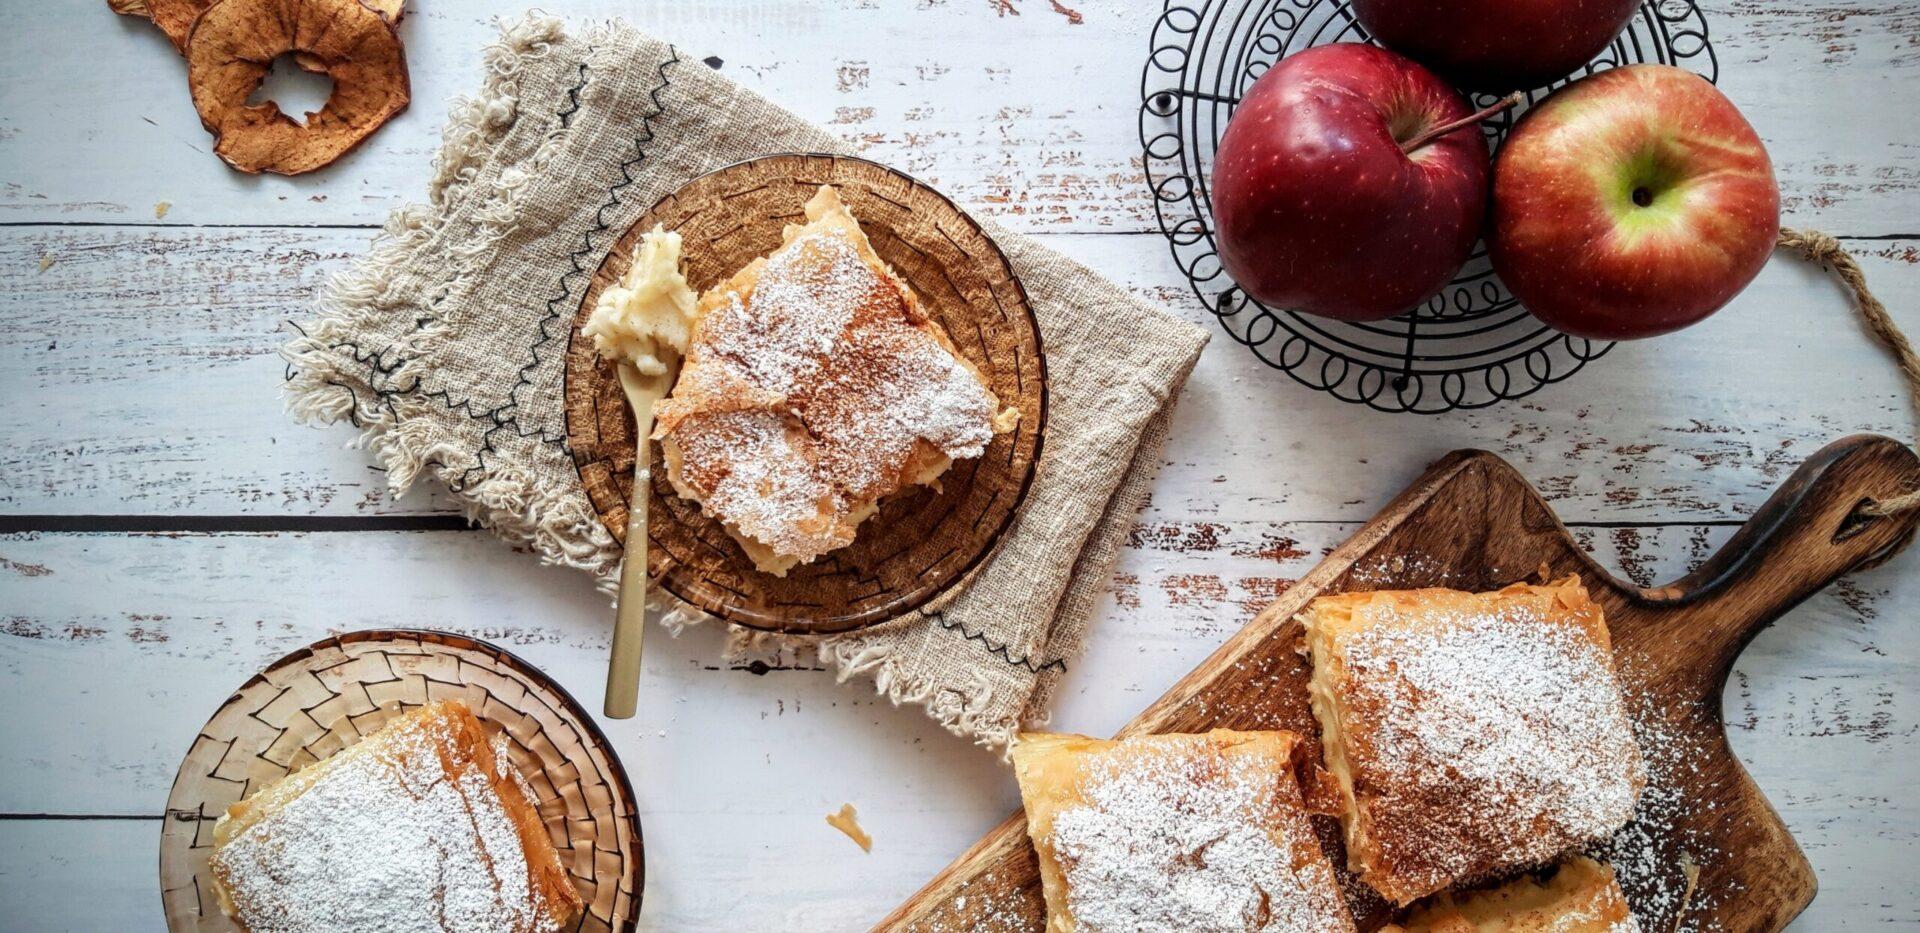 Μπουγάτσα με αφράτη κρέμα και μήλα